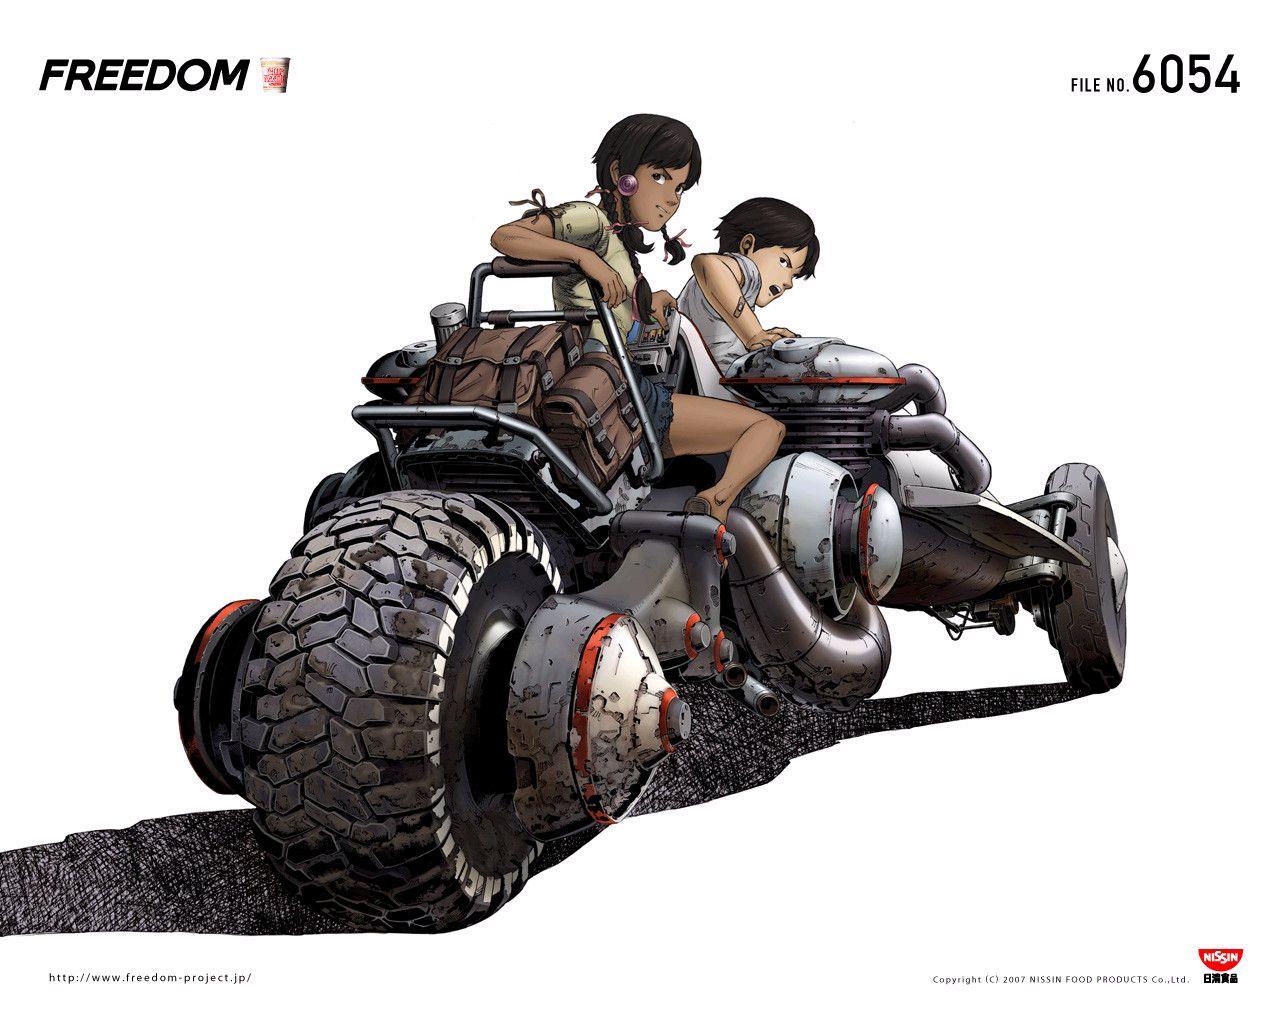 Freedom by Katsuhiro Otomo